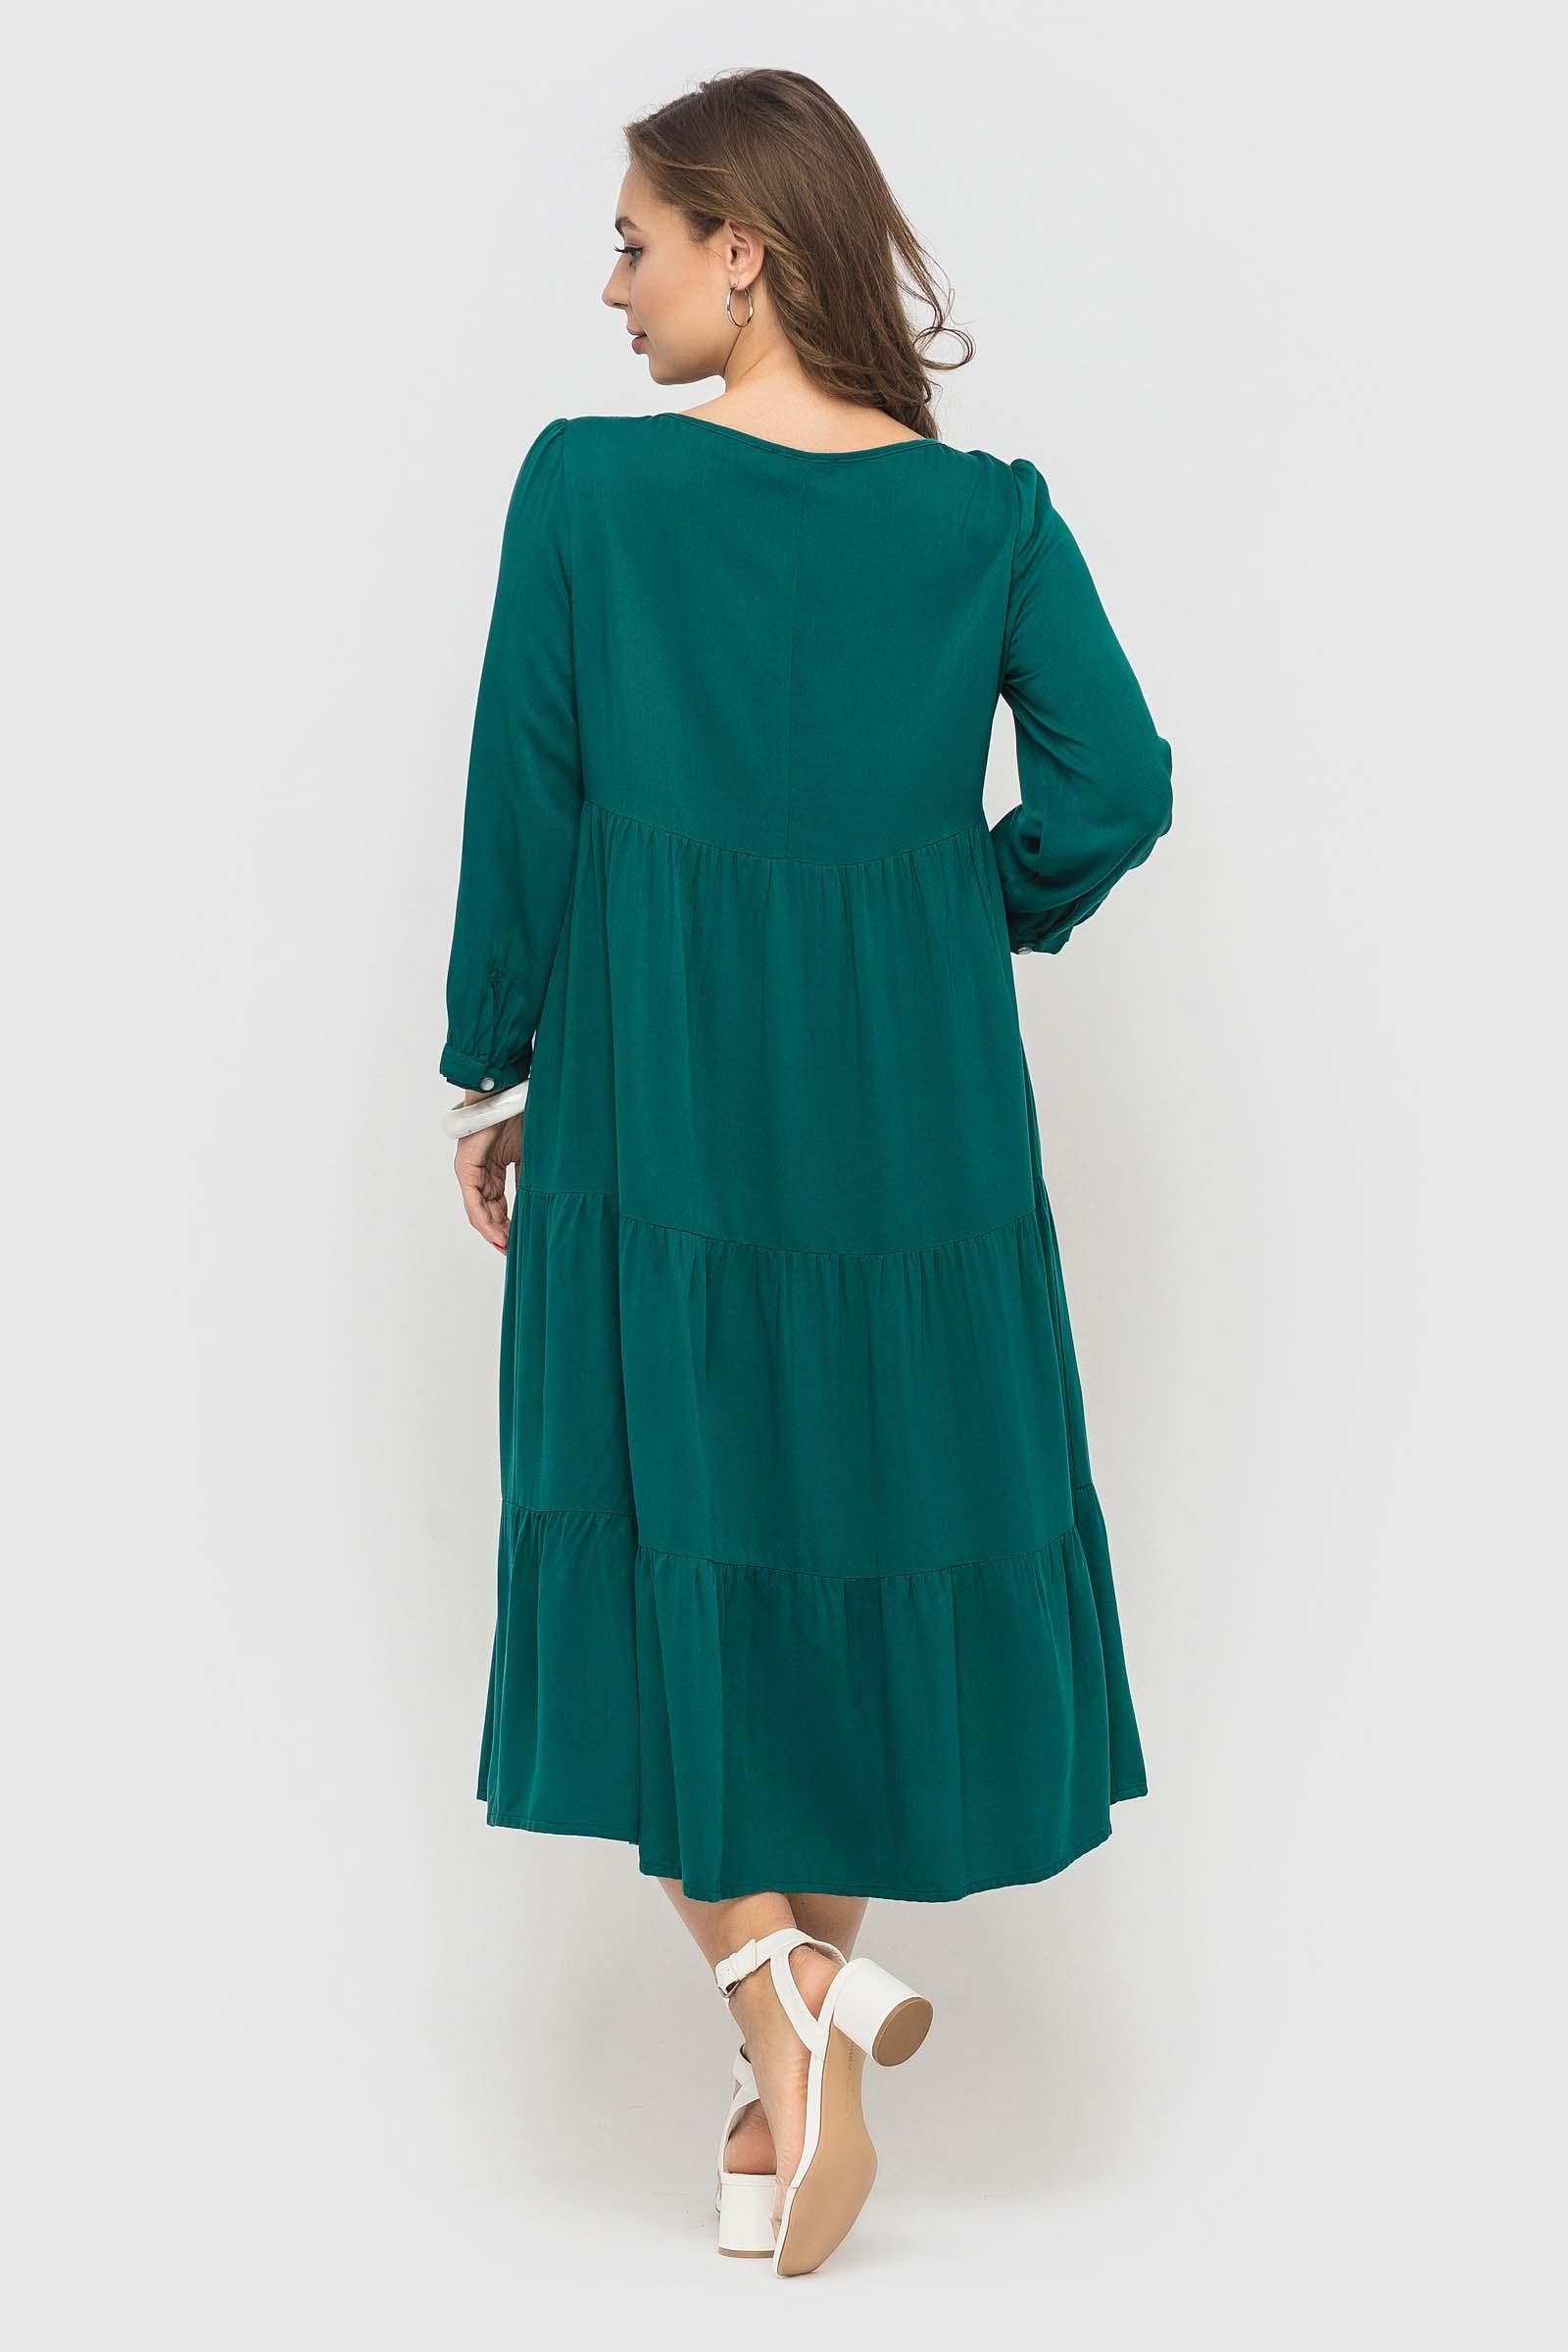 be art 2020 04 07182433 Купить платье